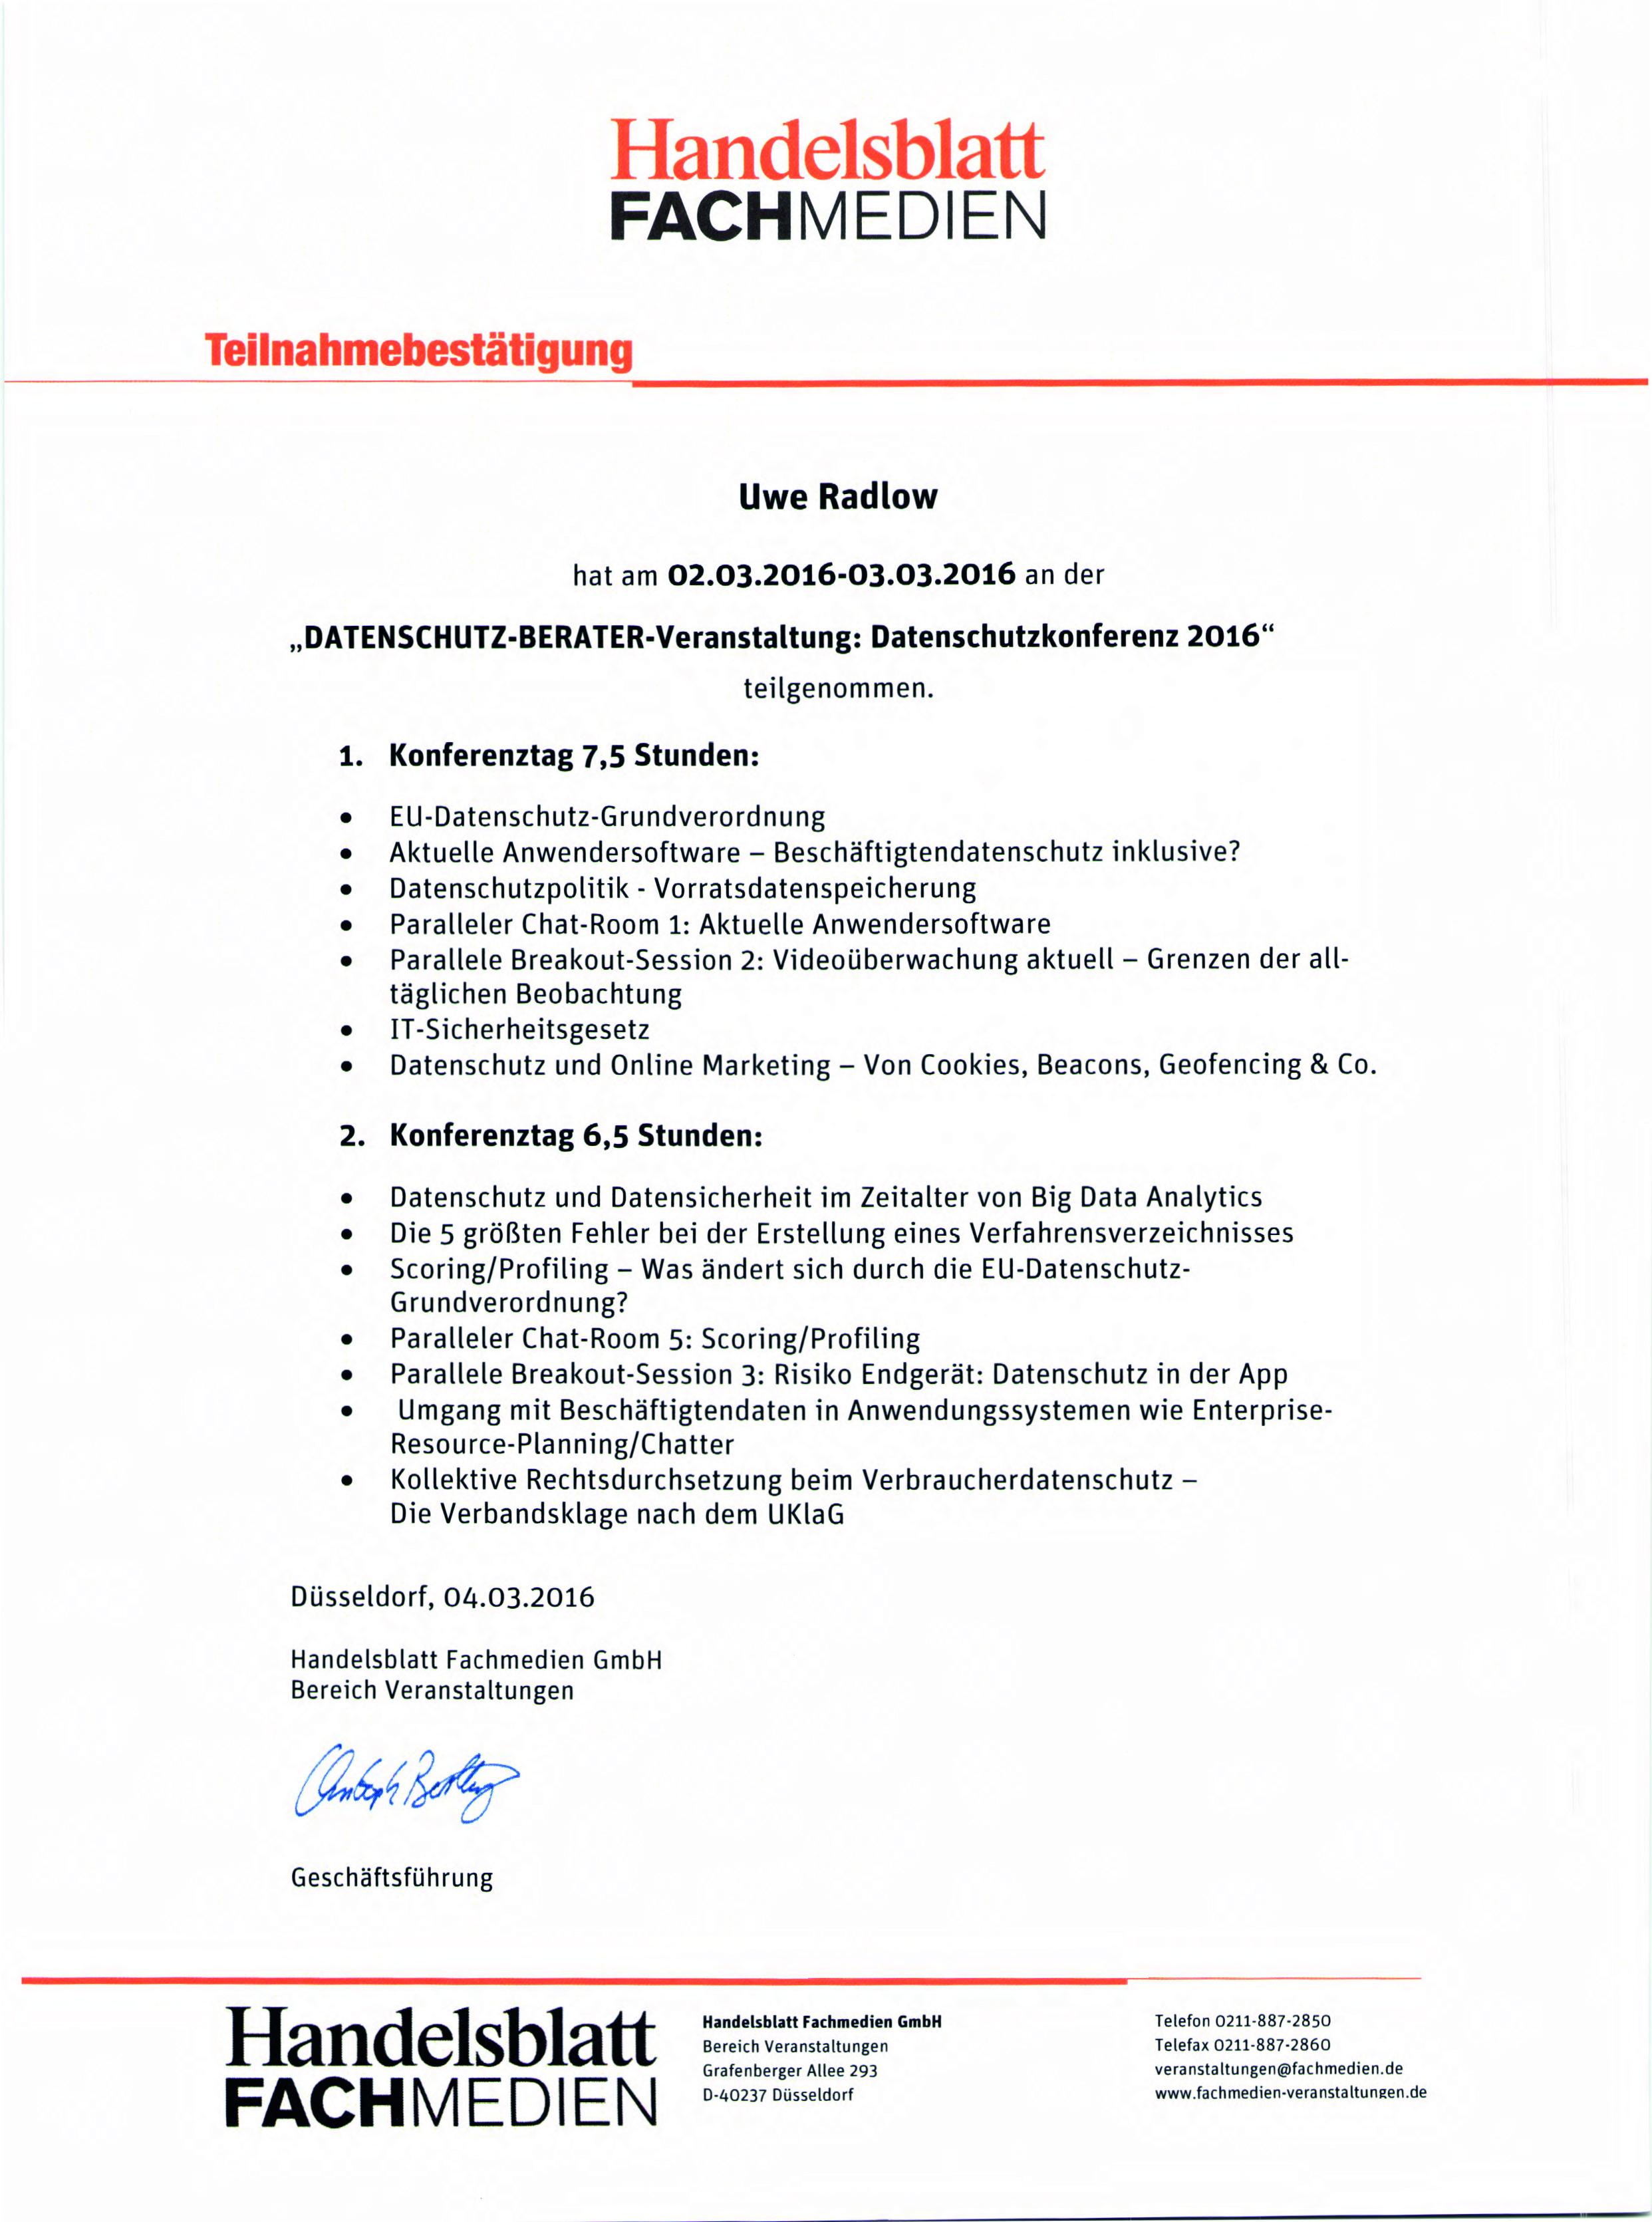 Handelsblatt FACHMEDIEN Teilnahmebestätigung Datenschutzkonferenz 2016